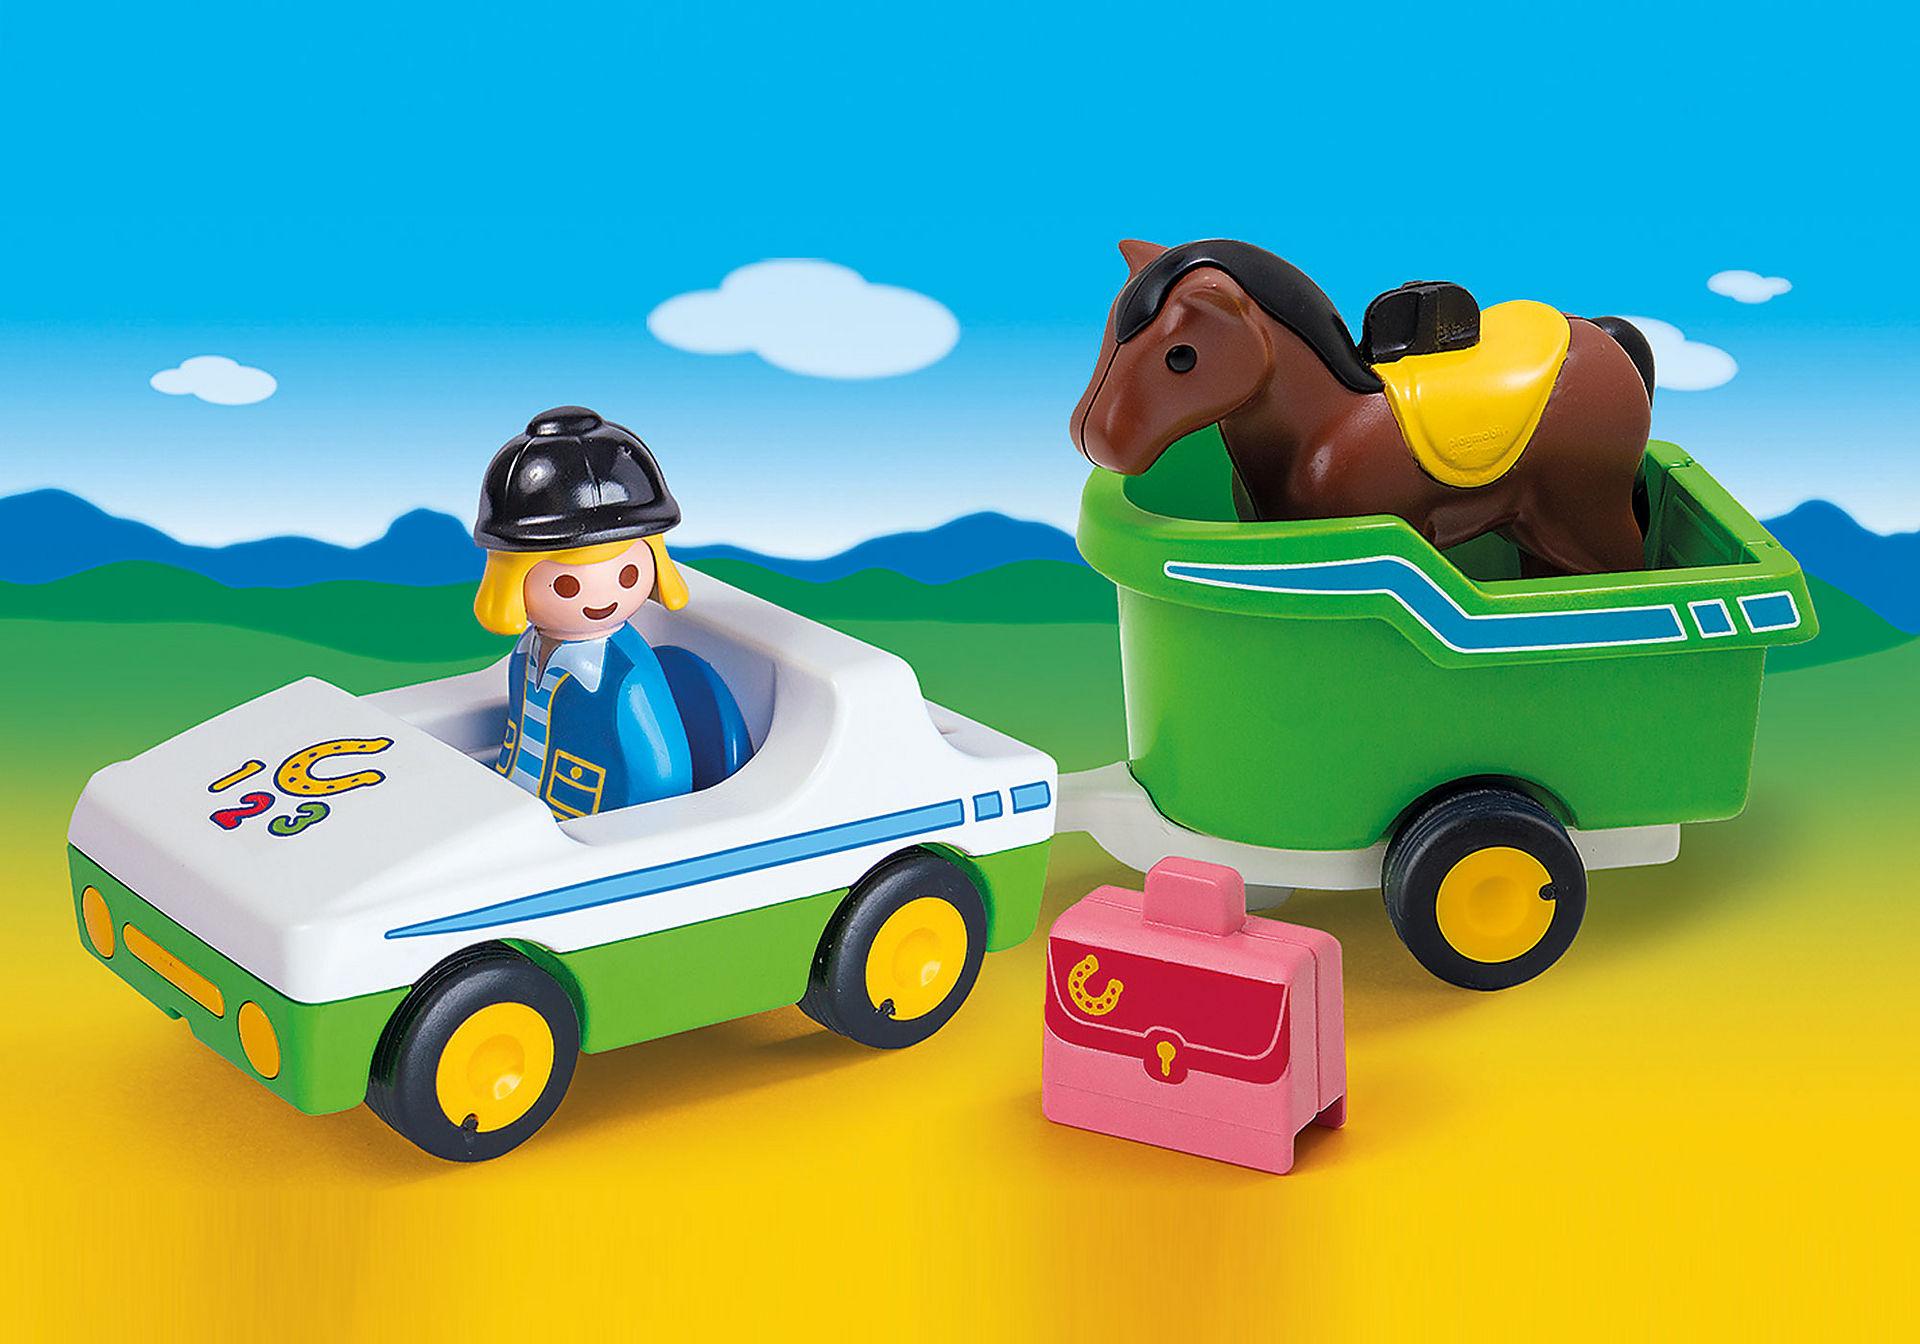 http://media.playmobil.com/i/playmobil/70181_product_detail/Cavalière avec voiture et remorque